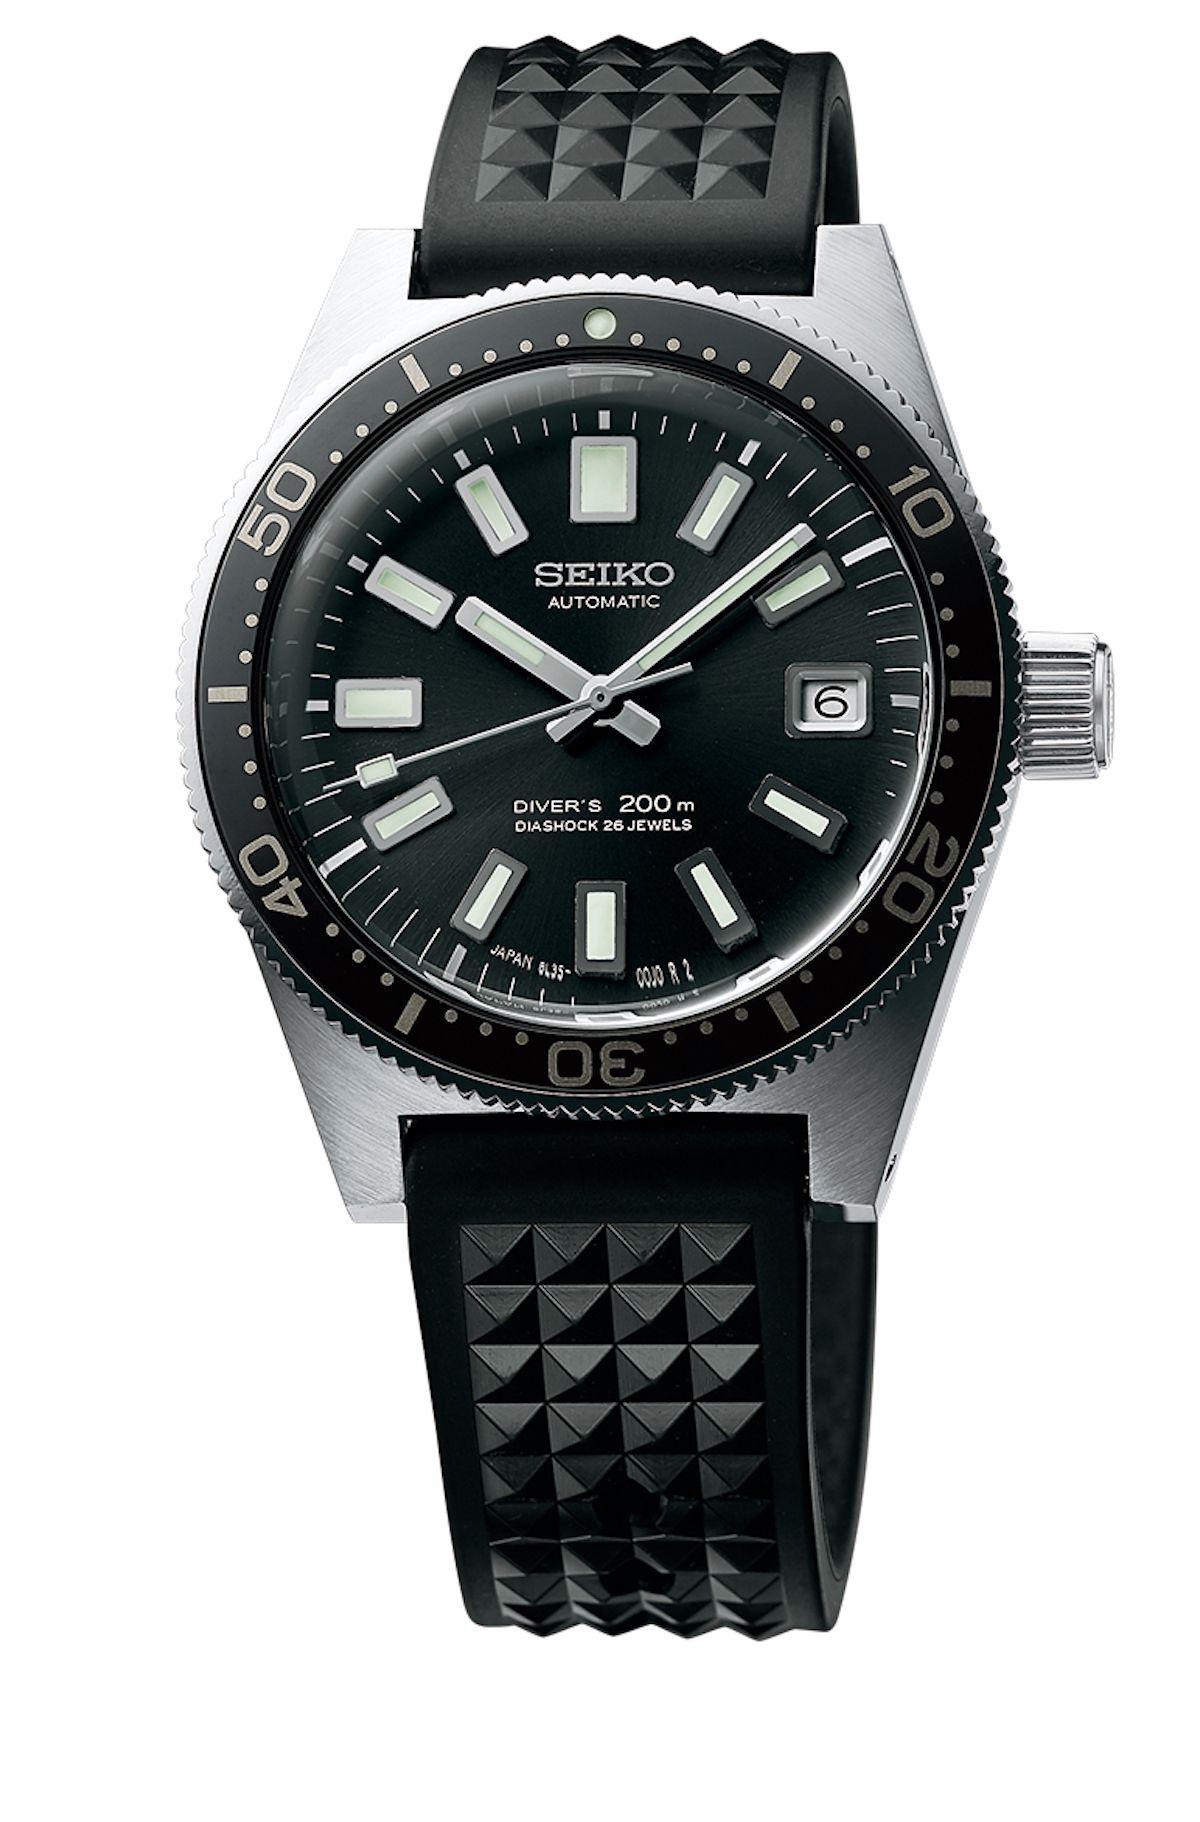 8706fd294791 柴田充が選んだのは、セイコーのダイバーズ!──ジャーナリストが選ぶ腕時計・2017年の極私的1本